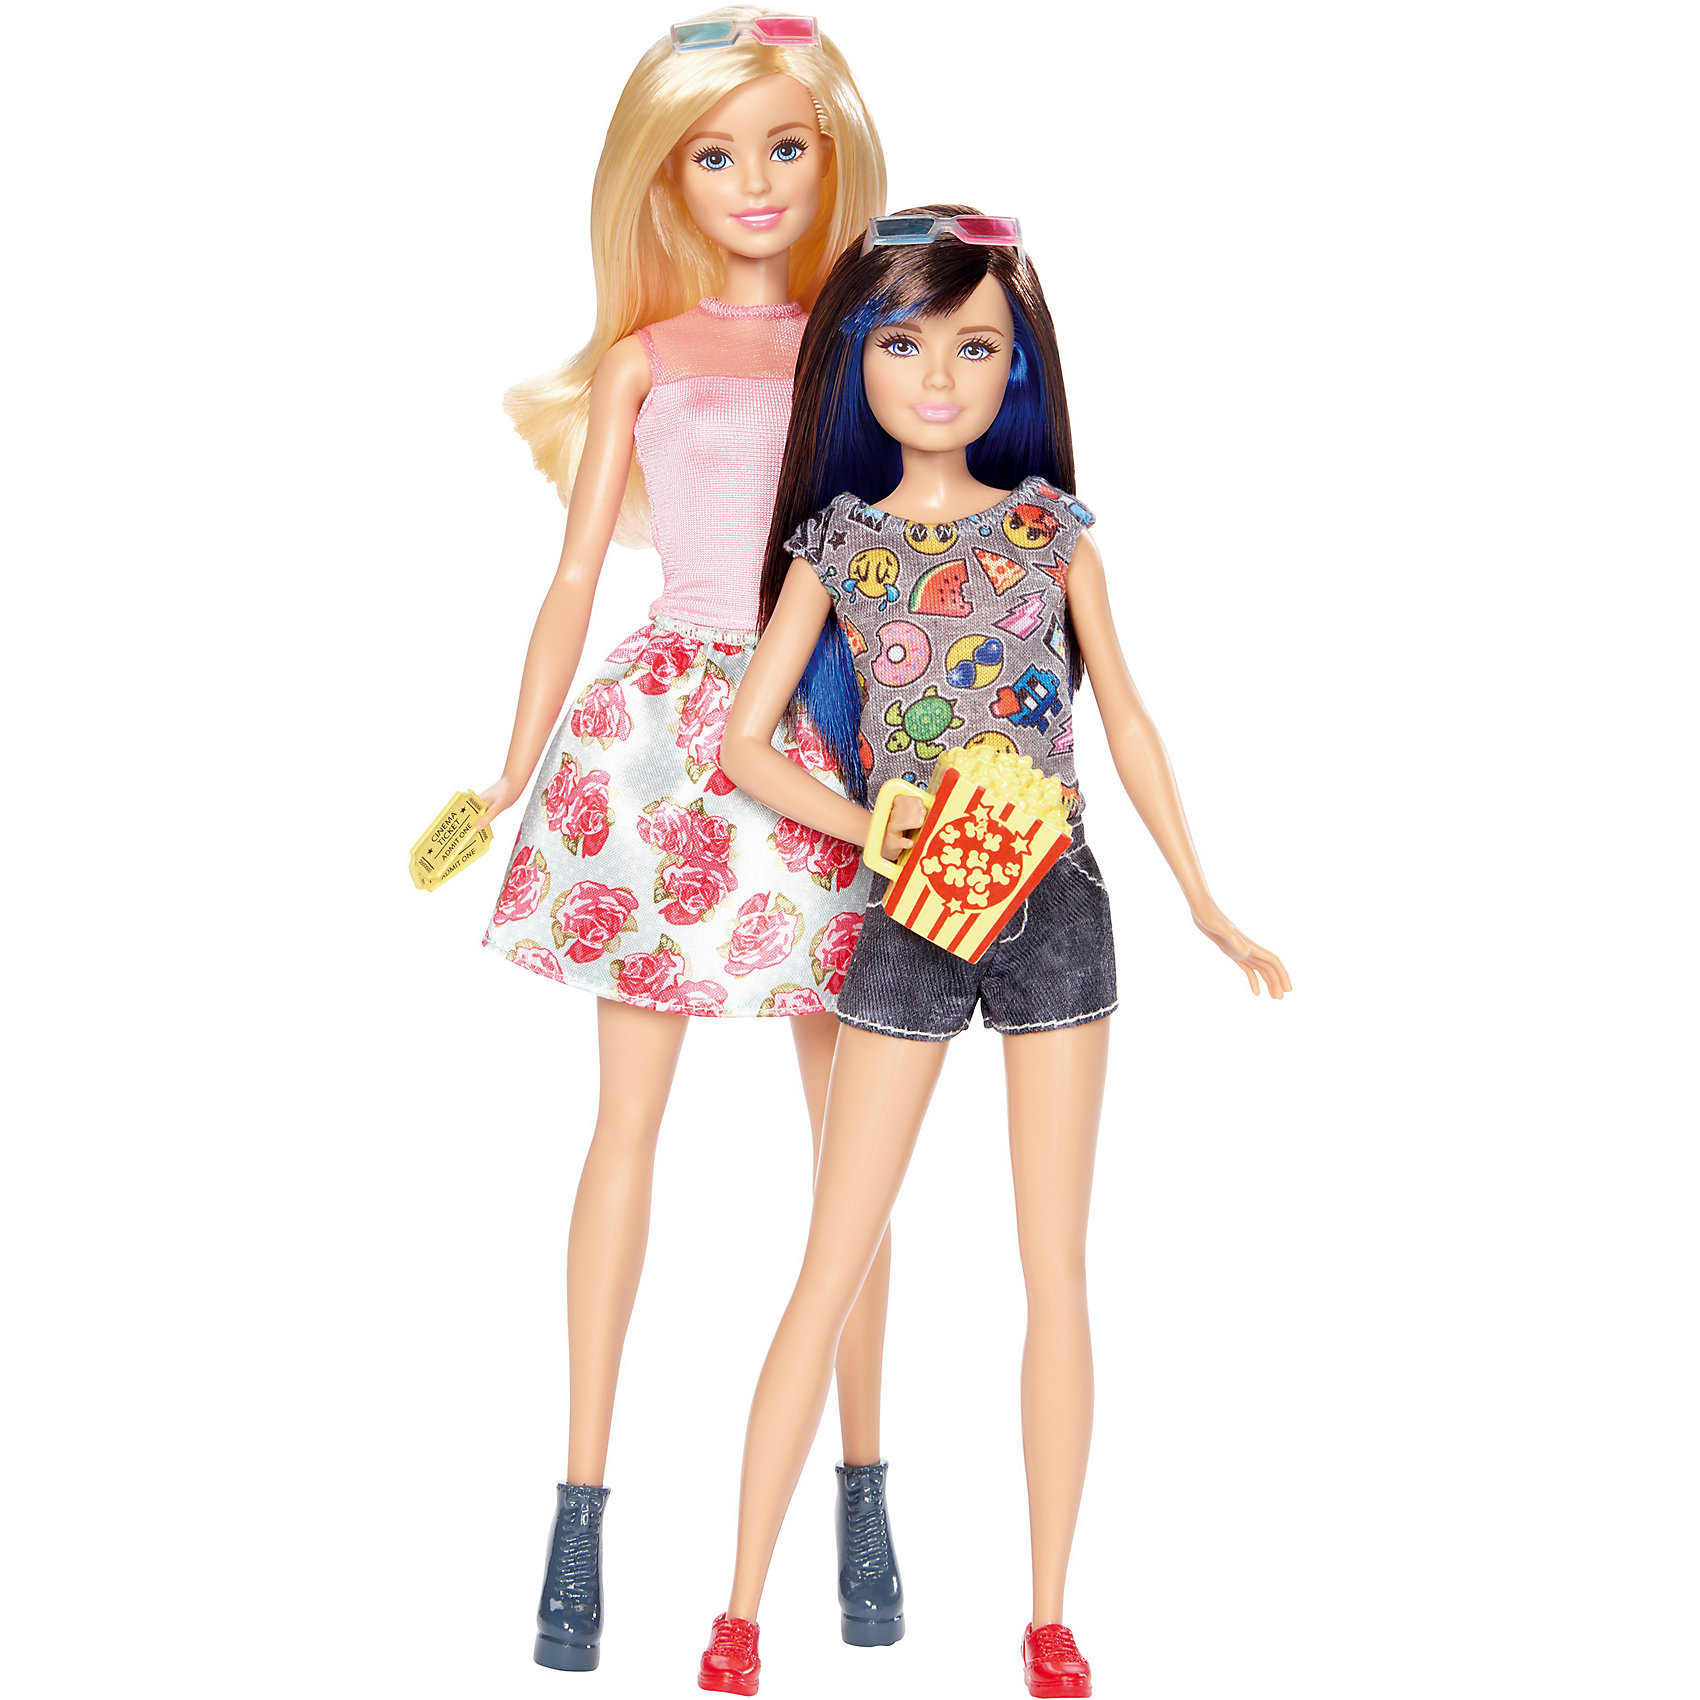 Набор кукол Скиппер и Стейси, BarbieКуклы-модели<br>Характеристики товара:<br><br>• возраст от 3 лет;<br>• материал: пластик, текстиль;<br>• в комплекте: 2 куклы, аксессуары;<br>• высота кукол 28 и 21 см;<br>• размер упаковки 32,5х20,5х6 см;<br>• вес упаковки 500 гр.;<br>• страна производитель: Китай.<br><br>Набор кукол Барби и Скиппер Barbie — набор из 2 очаровательных сестренок, которые отправились в кино за захватывающий фильм. Барби одета в платье с цветочным принтом, а Скиппер в джинсовые шорты и маечку. У кукол длинные мягкие волосы, которые можно расчесывать, заплетать и украшать. Девочка может брать куколок с собой на прогулку, в гости к подружке и придумывать интересные сюжеты для игры.<br><br>Набор кукол Барби и Скиппер Barbie можно приобрести в нашем интернет-магазине.<br><br>Ширина мм: 205<br>Глубина мм: 60<br>Высота мм: 325<br>Вес г: 500<br>Возраст от месяцев: 36<br>Возраст до месяцев: 120<br>Пол: Женский<br>Возраст: Детский<br>SKU: 6673386